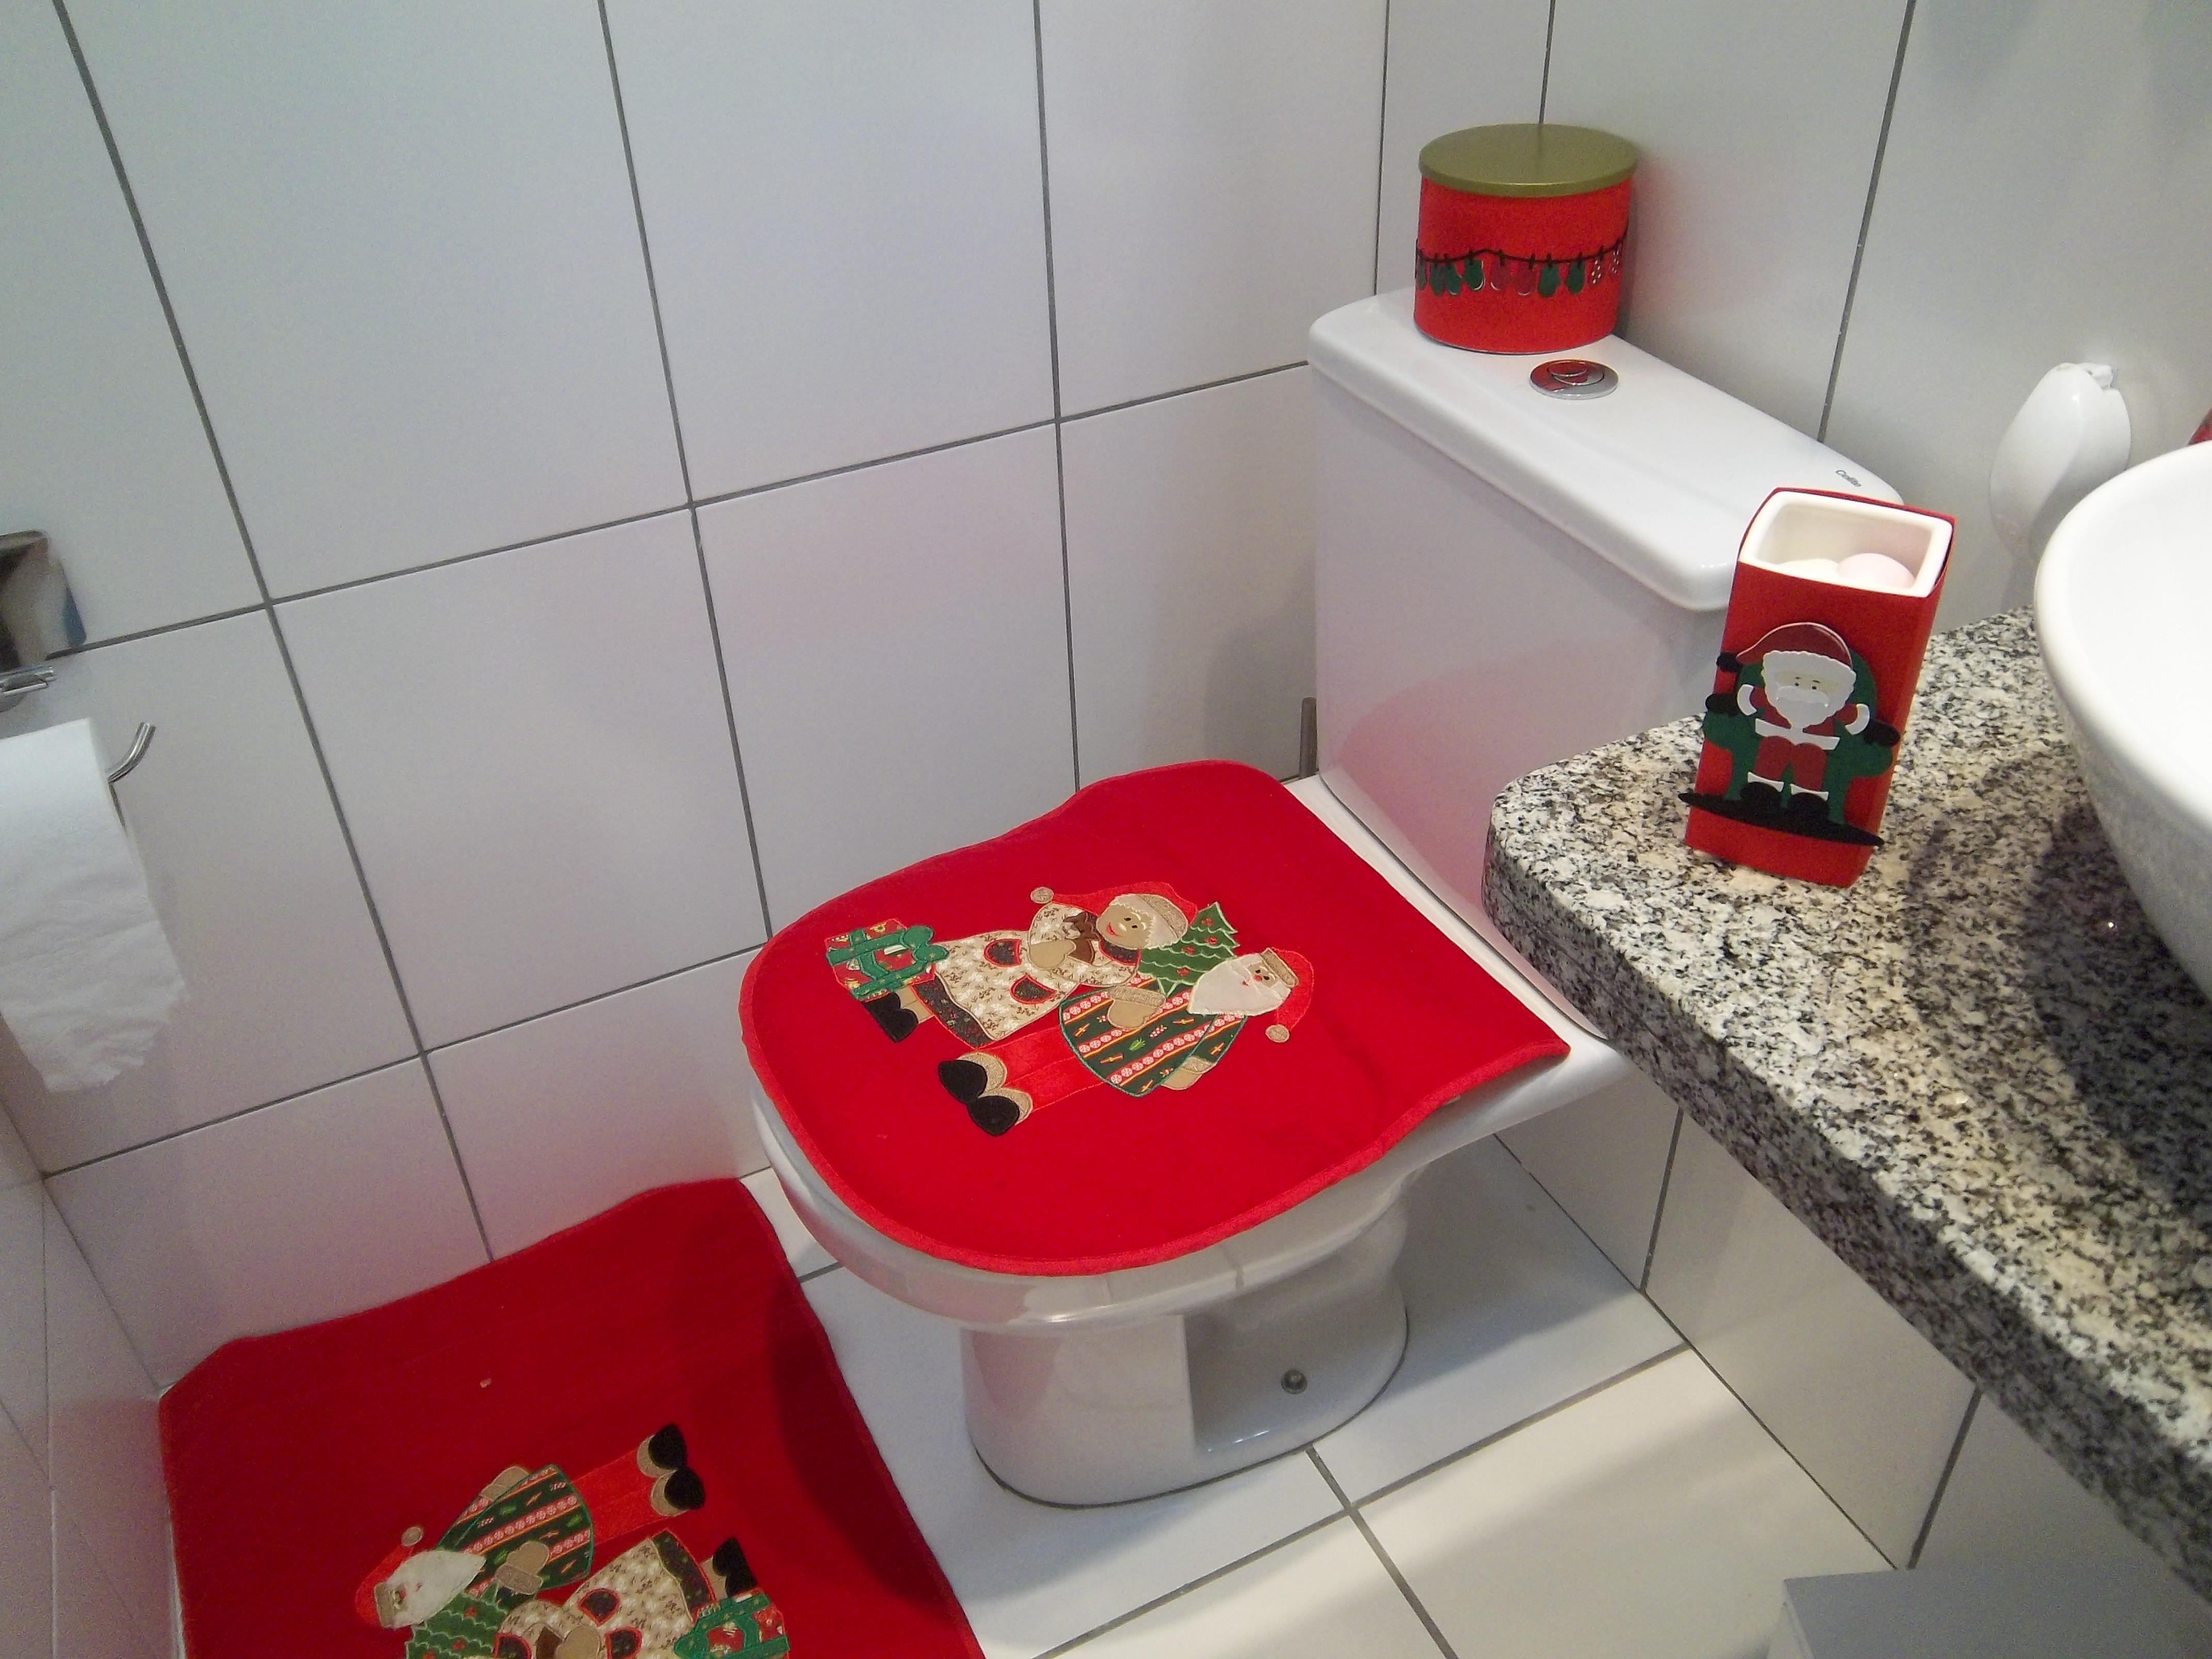 #BE031E decoracao banheiro papel higienico:decoracao lata papel higienico  4288x3216 px Banheiro Entupido Com Papel Higienico 3197